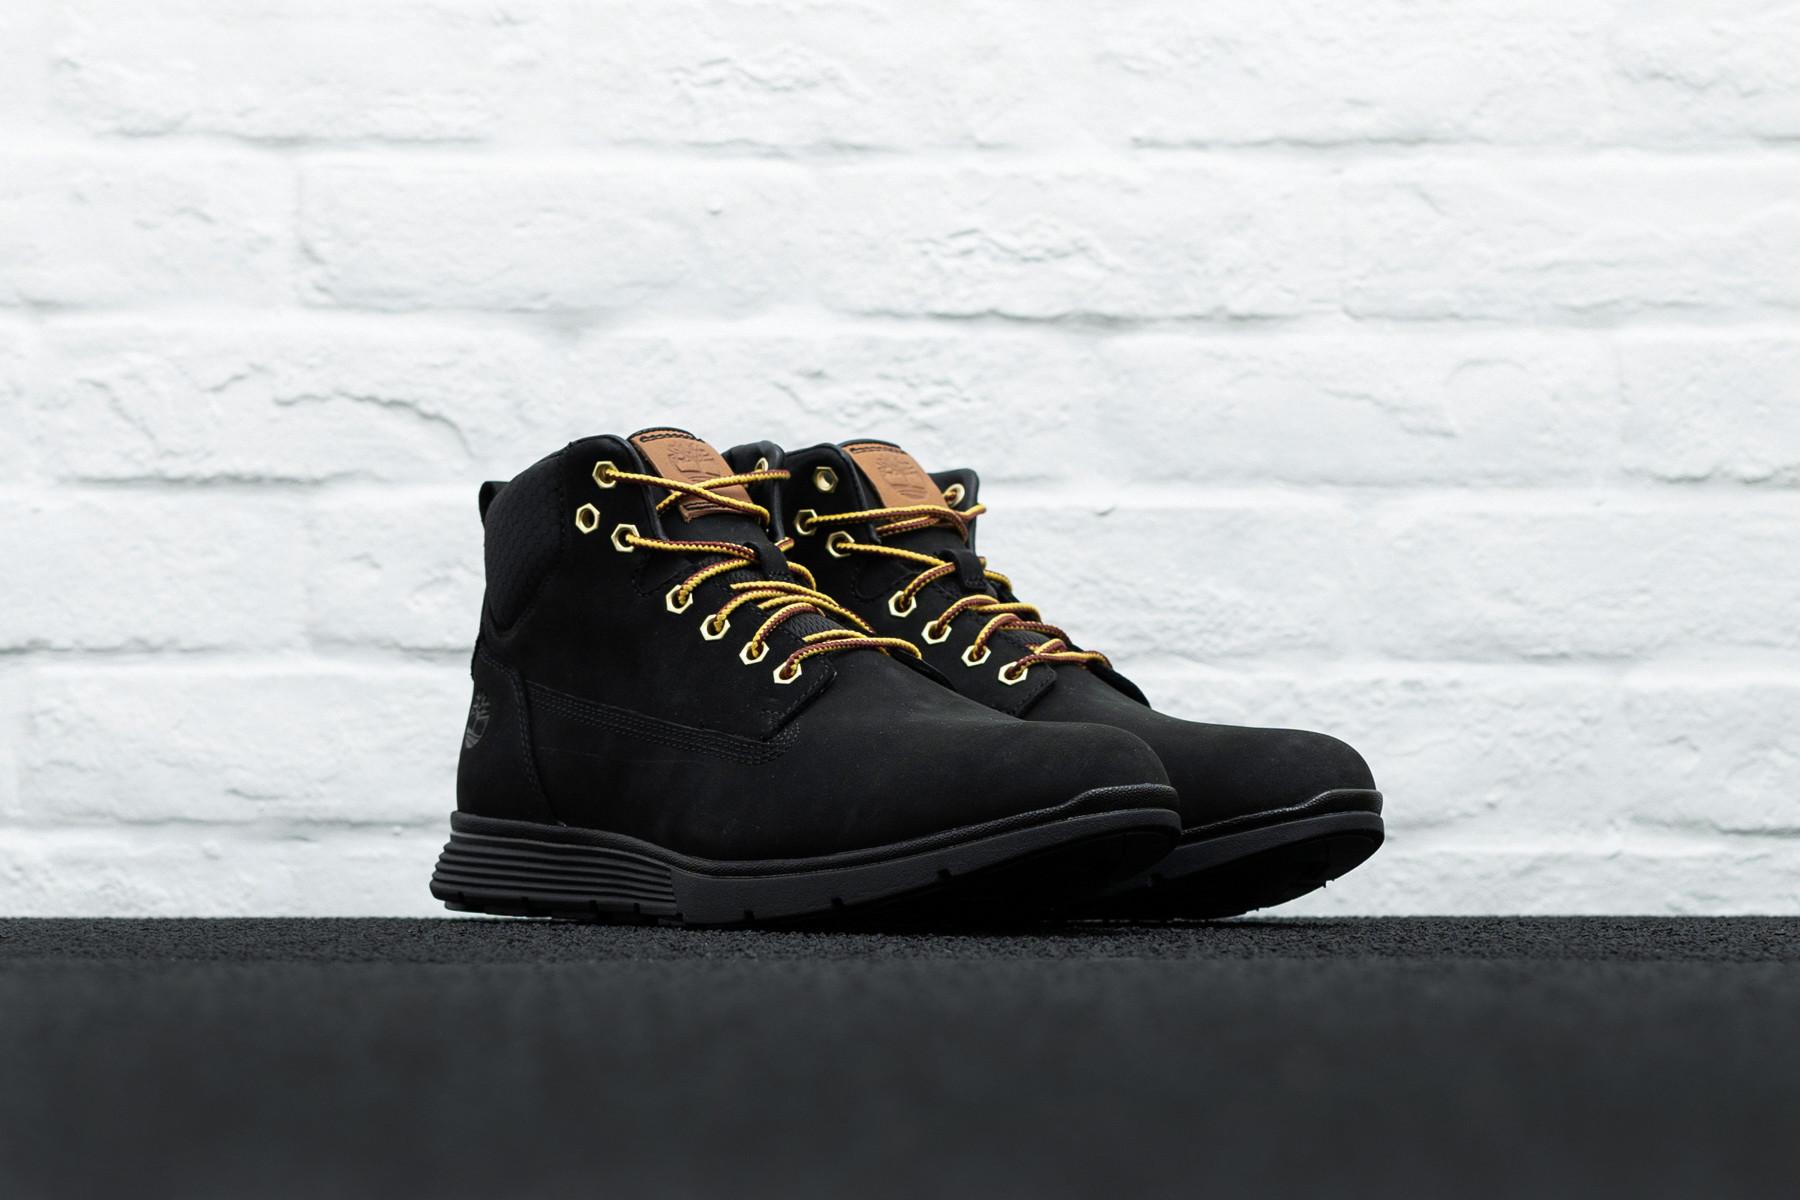 Timberland Killington Chukka Boots Sneaker.no